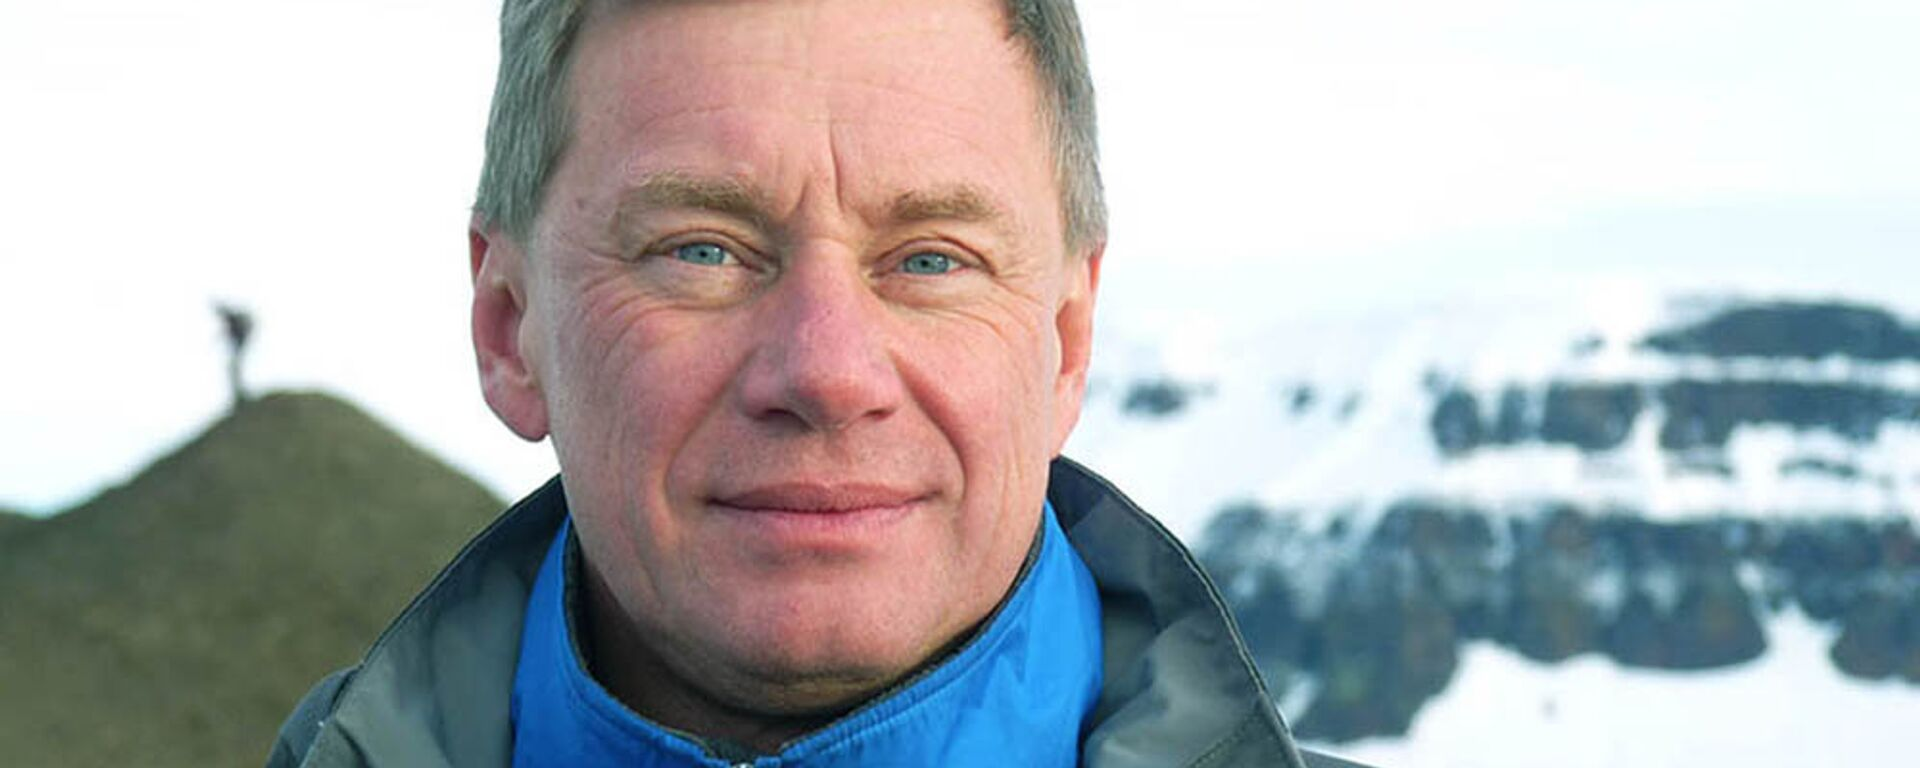 Директор программы Климат и энергетика WWF России Алексей Кокорин - Sputnik Латвия, 1920, 03.06.2018